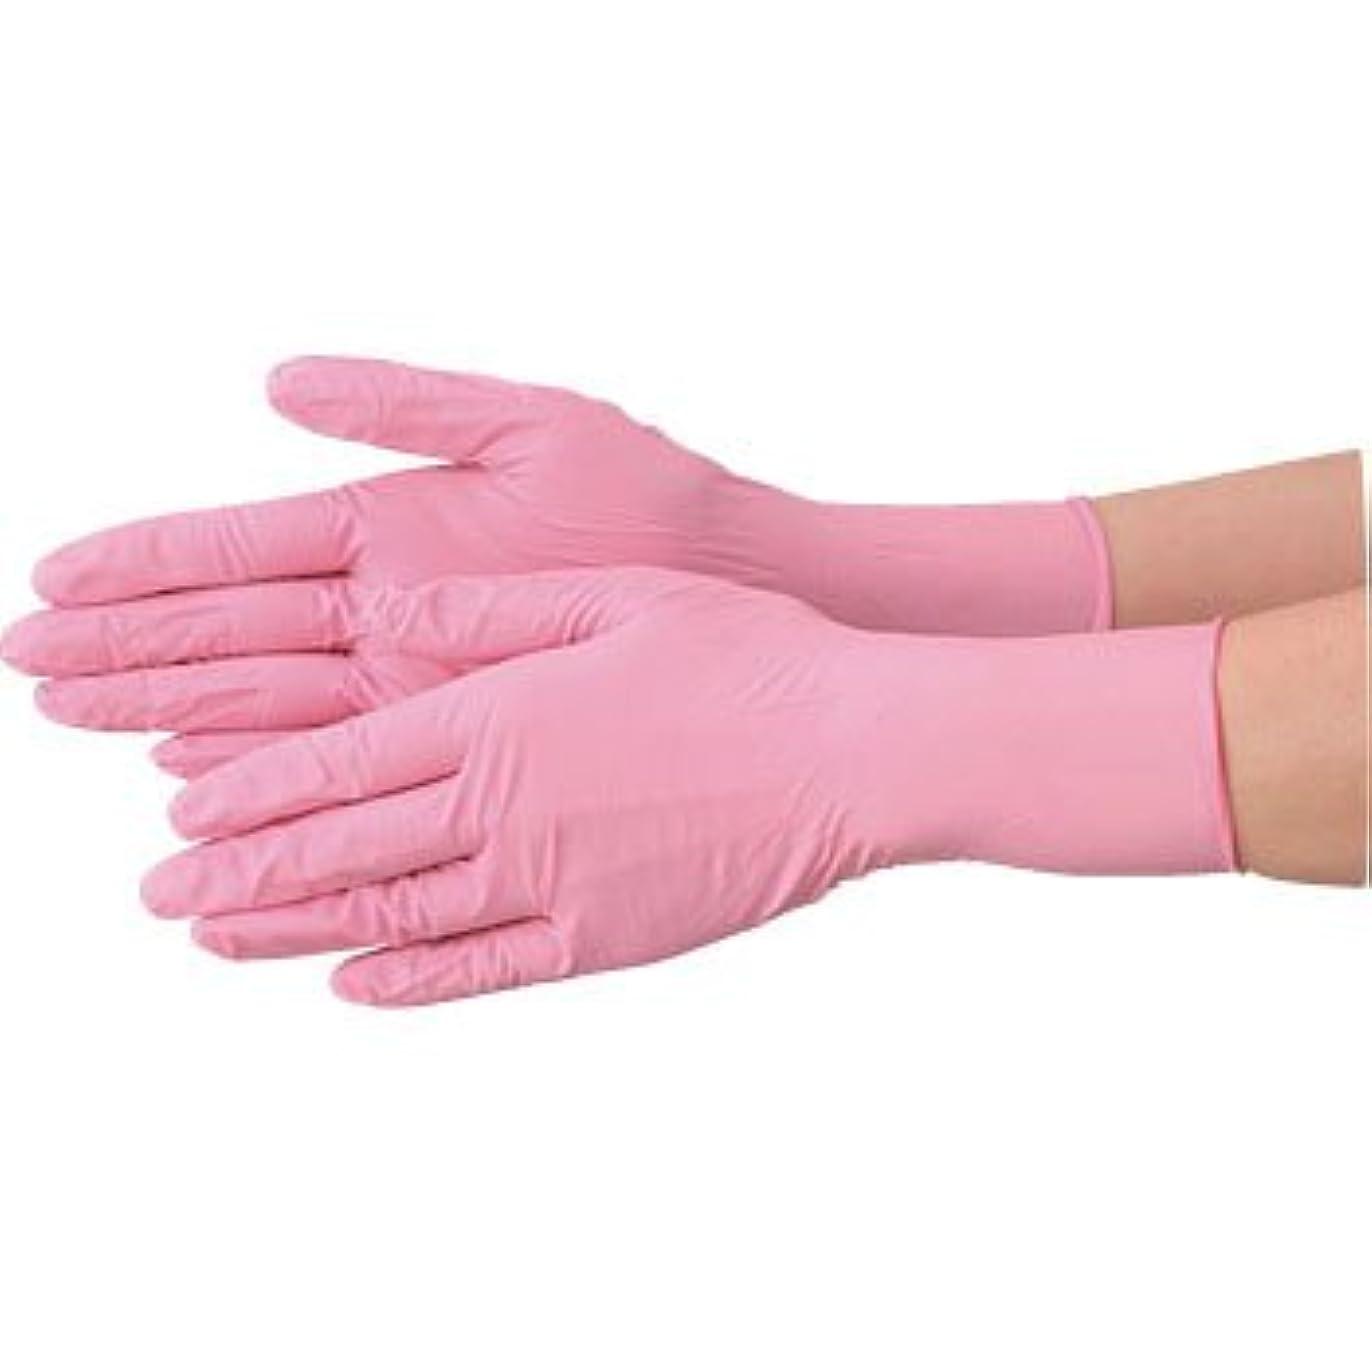 倒産変わるインタラクション使い捨て 手袋 エブノ 570 ニトリル ピンク Sサイズ パウダーフリー 2ケース(100枚×60箱)